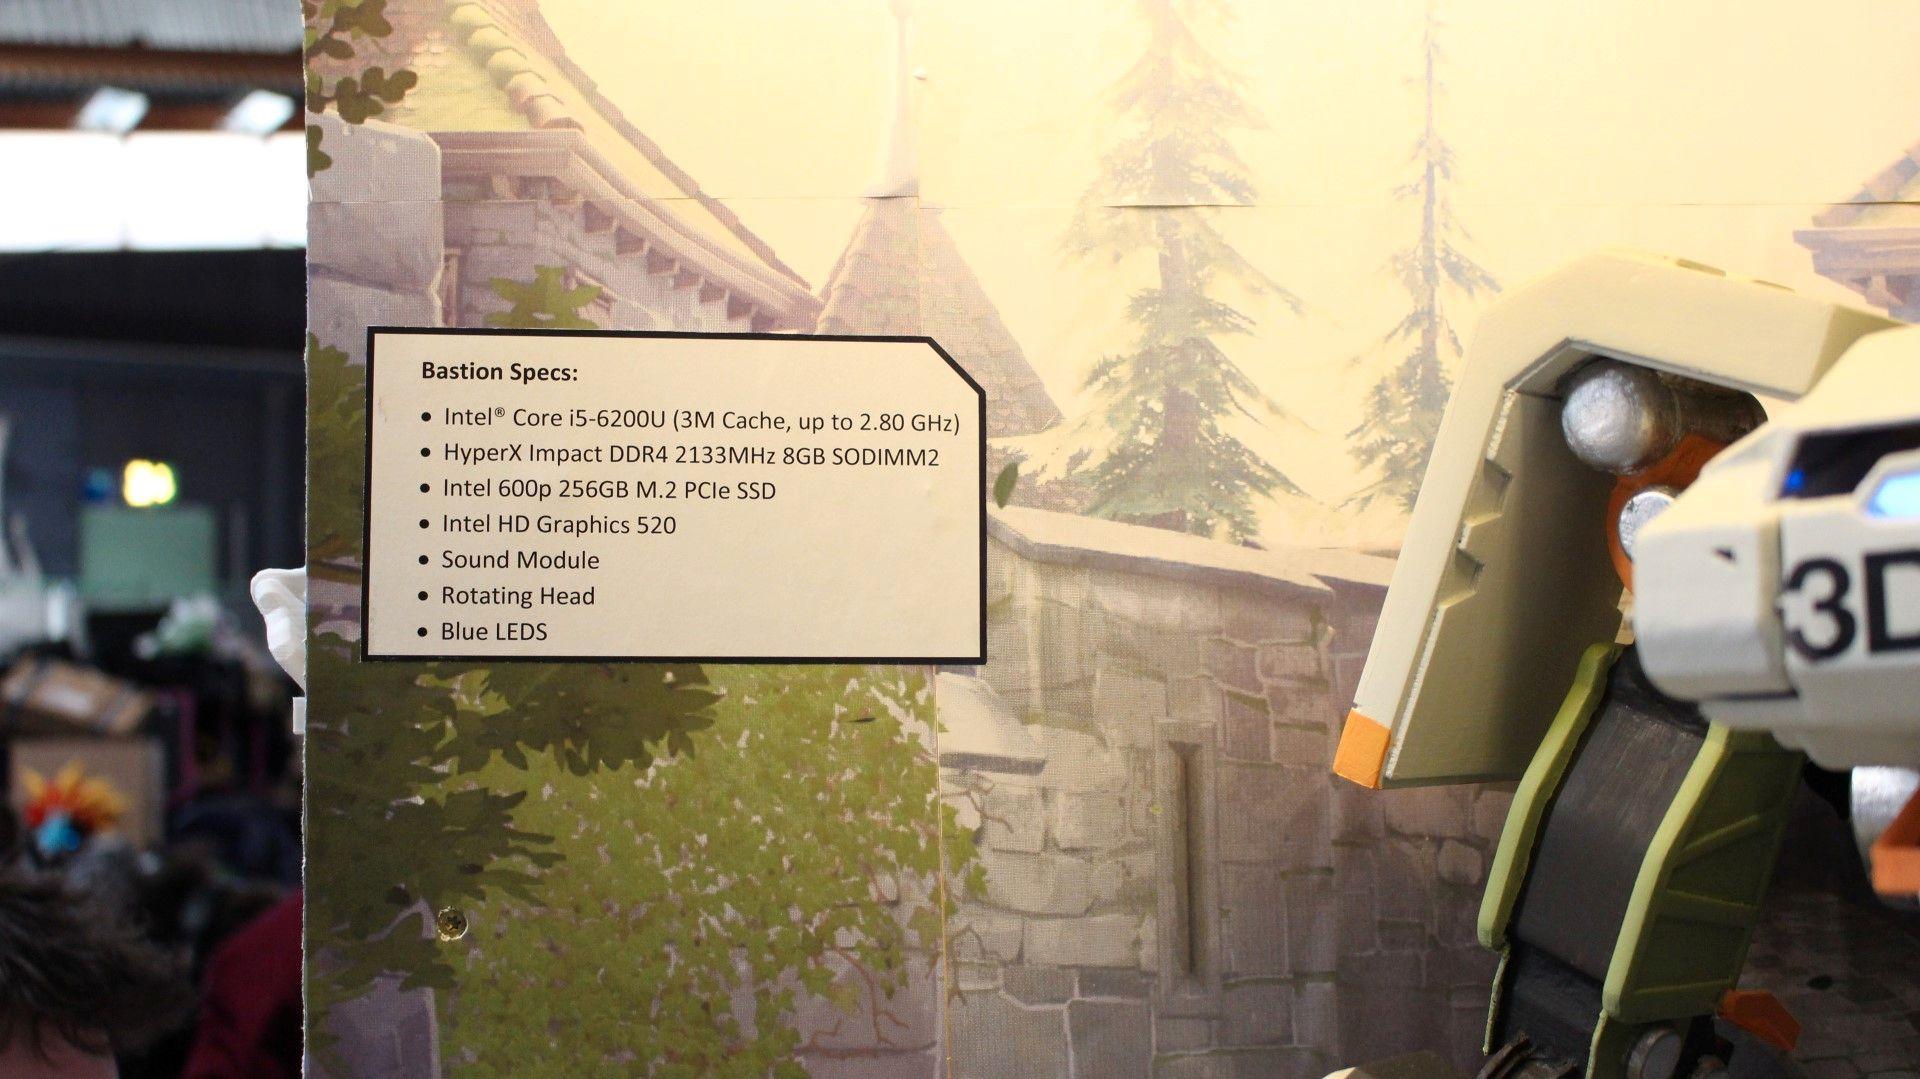 Et oversiktelig skilt viser nysgjerrige forbipasserende nøyaktig hva Bastion kan yte.